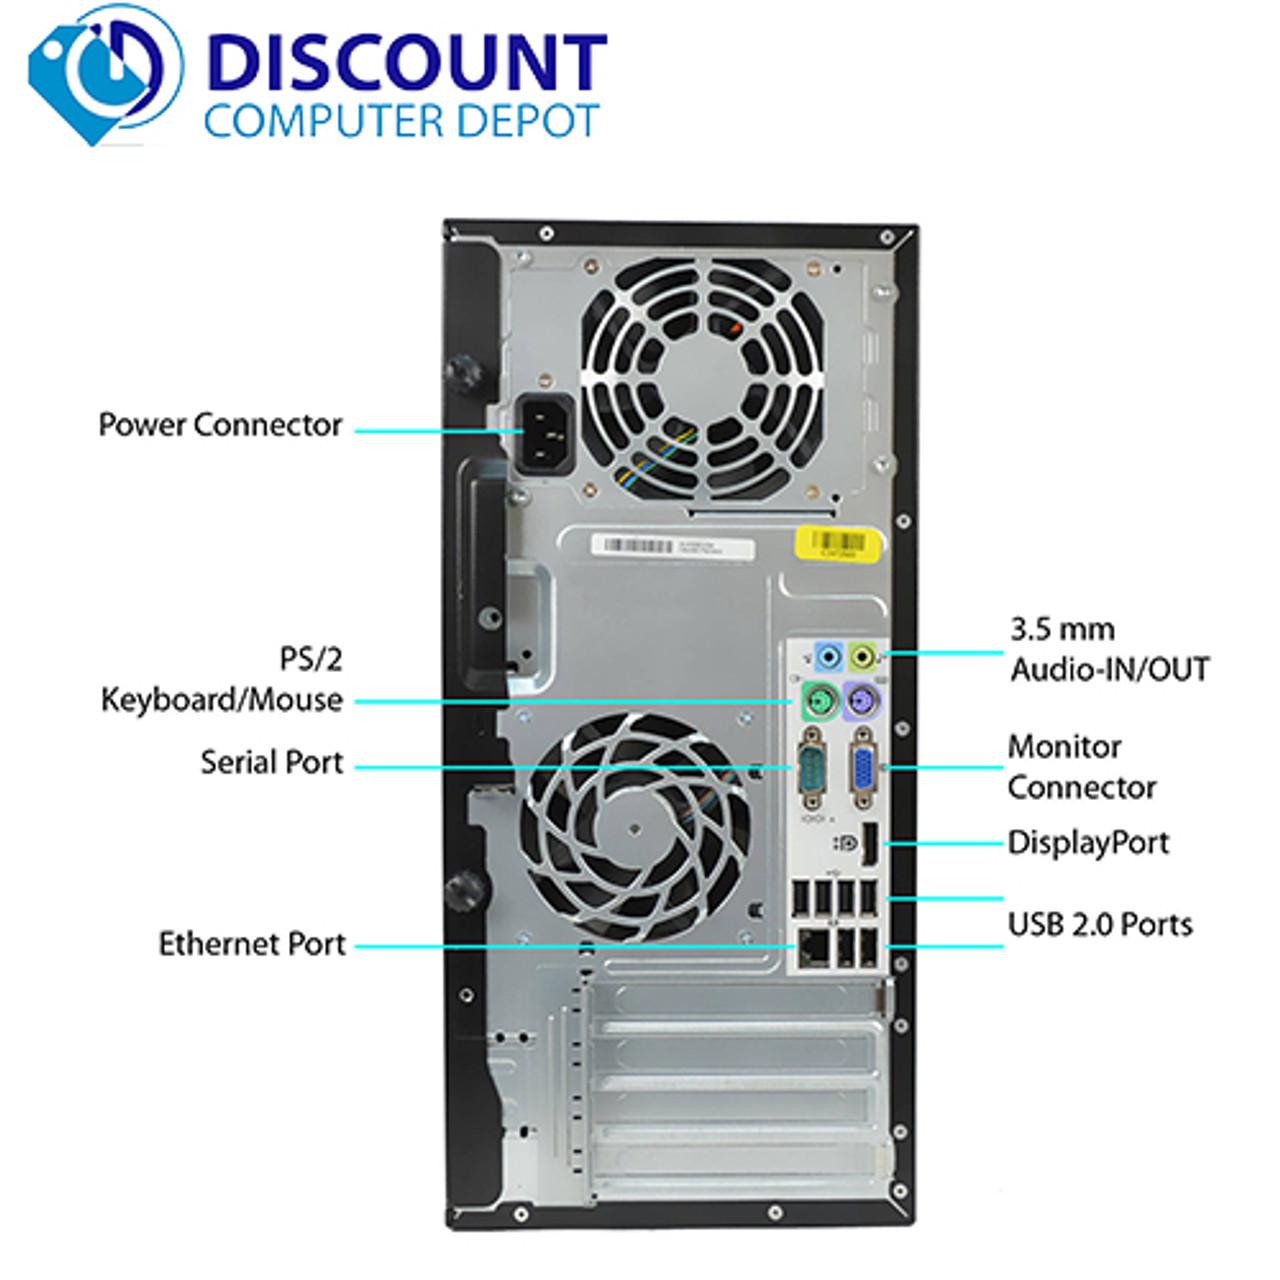 Fast Core i7 HP Windows 10 Pro Quad Core Desktop Computer 3 4GHz 8GB 320GB  and WIFI